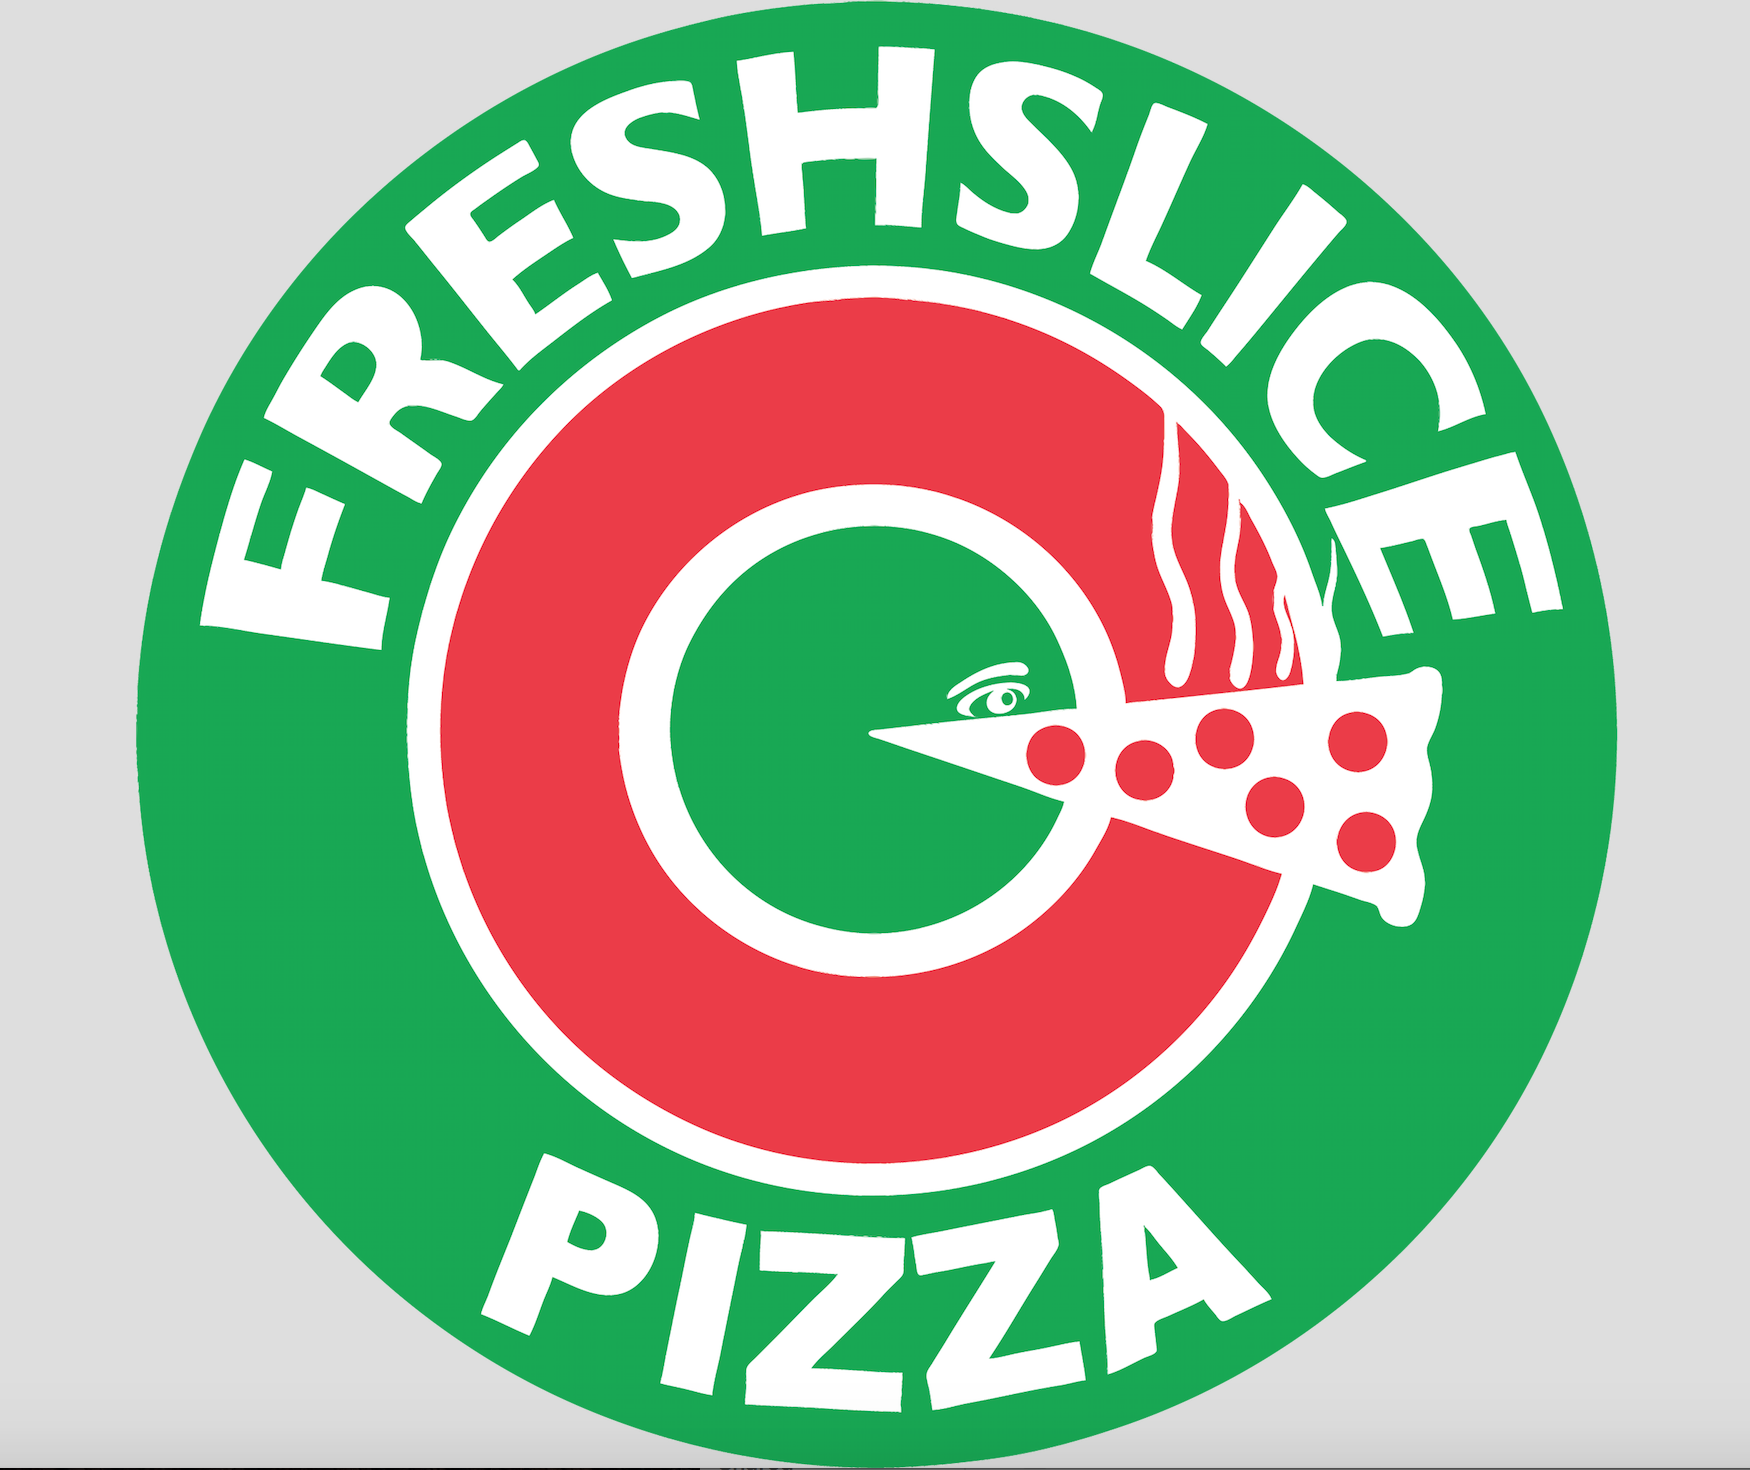 fresh slice